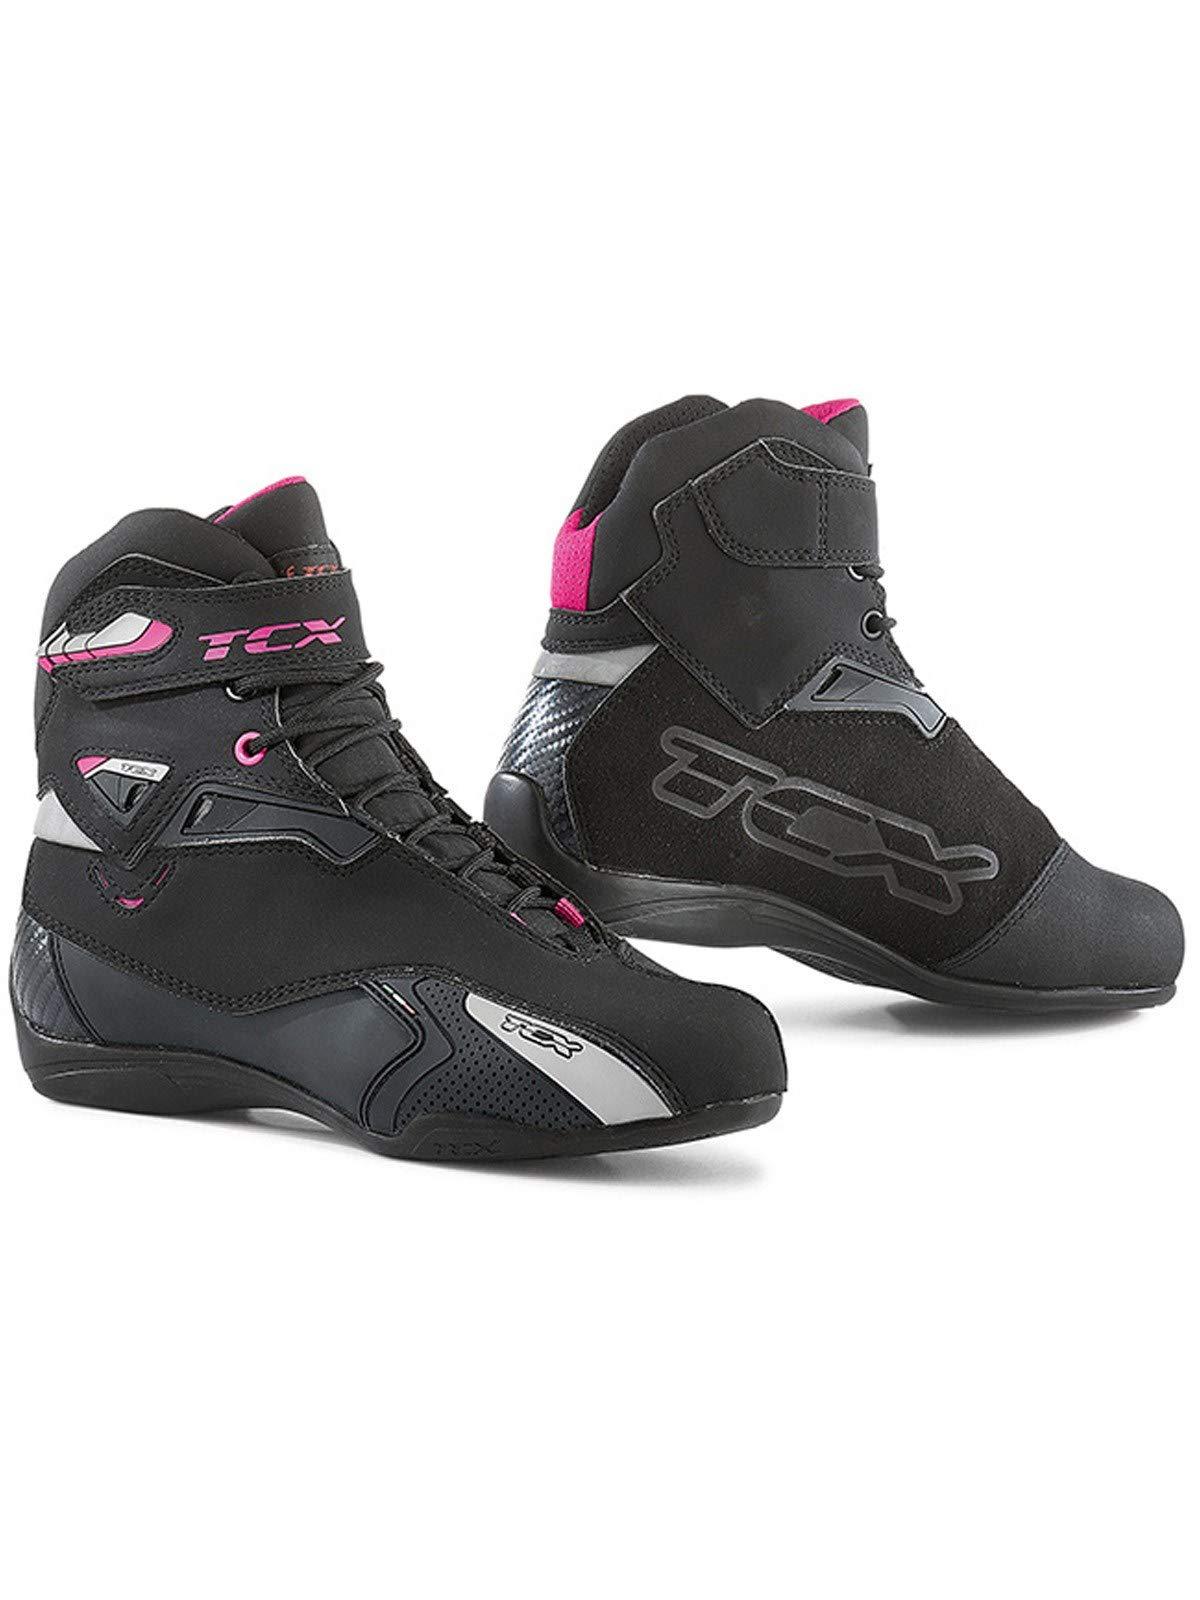 TCX Rush Waterproof Women's Street Motorcycle Shoes - Black/Fuchsia/Eu 42 / Us 10